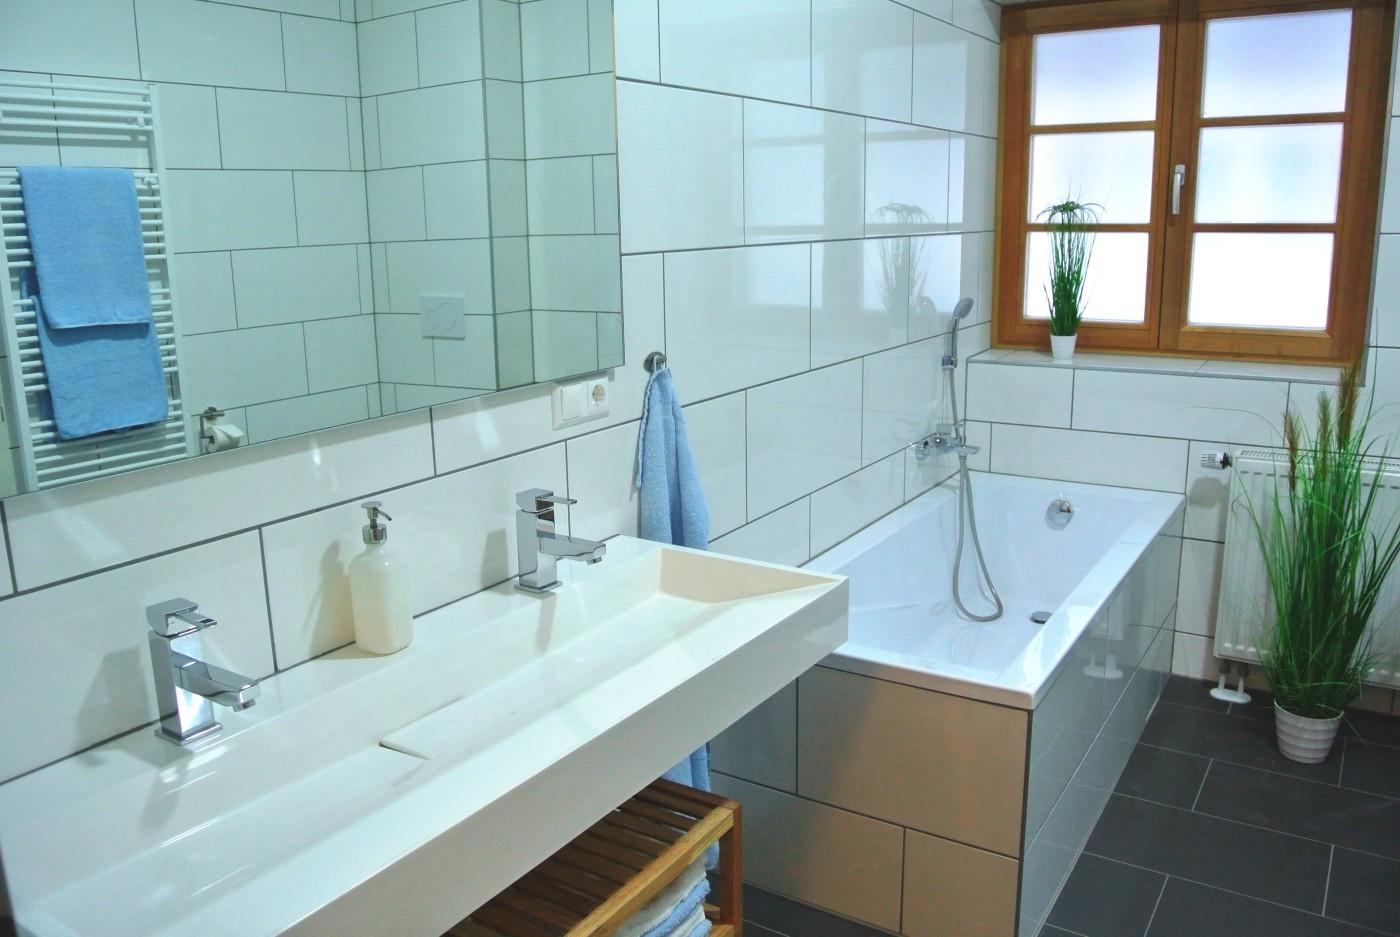 Ferienwohnung Georg Mayer Haus / Wohnung 8 (2397457), Oberstdorf, Allgäu (Bayern), Bayern, Deutschland, Bild 11